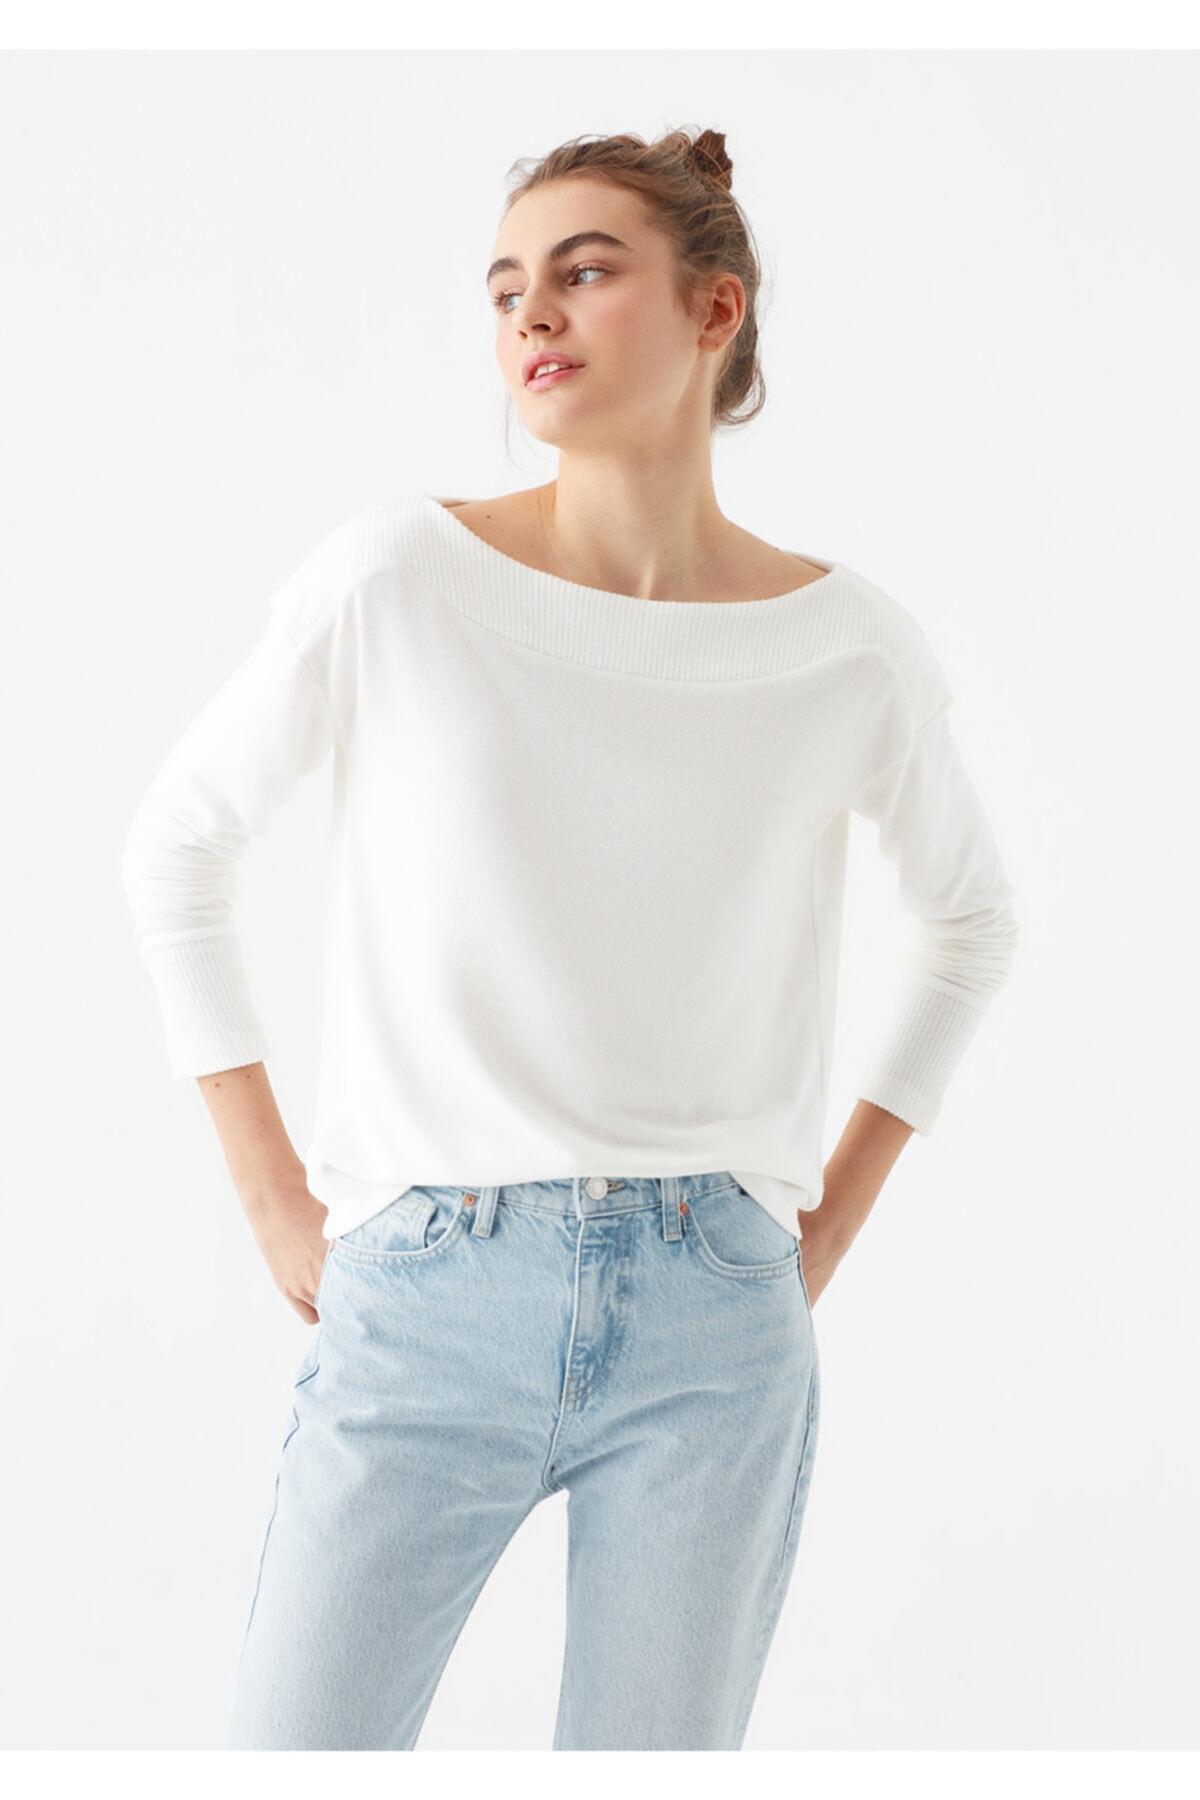 Mavi Kadın Yumuşak Dokulu Uzun Kollu Beyaz Tişört 1600573-33389 1